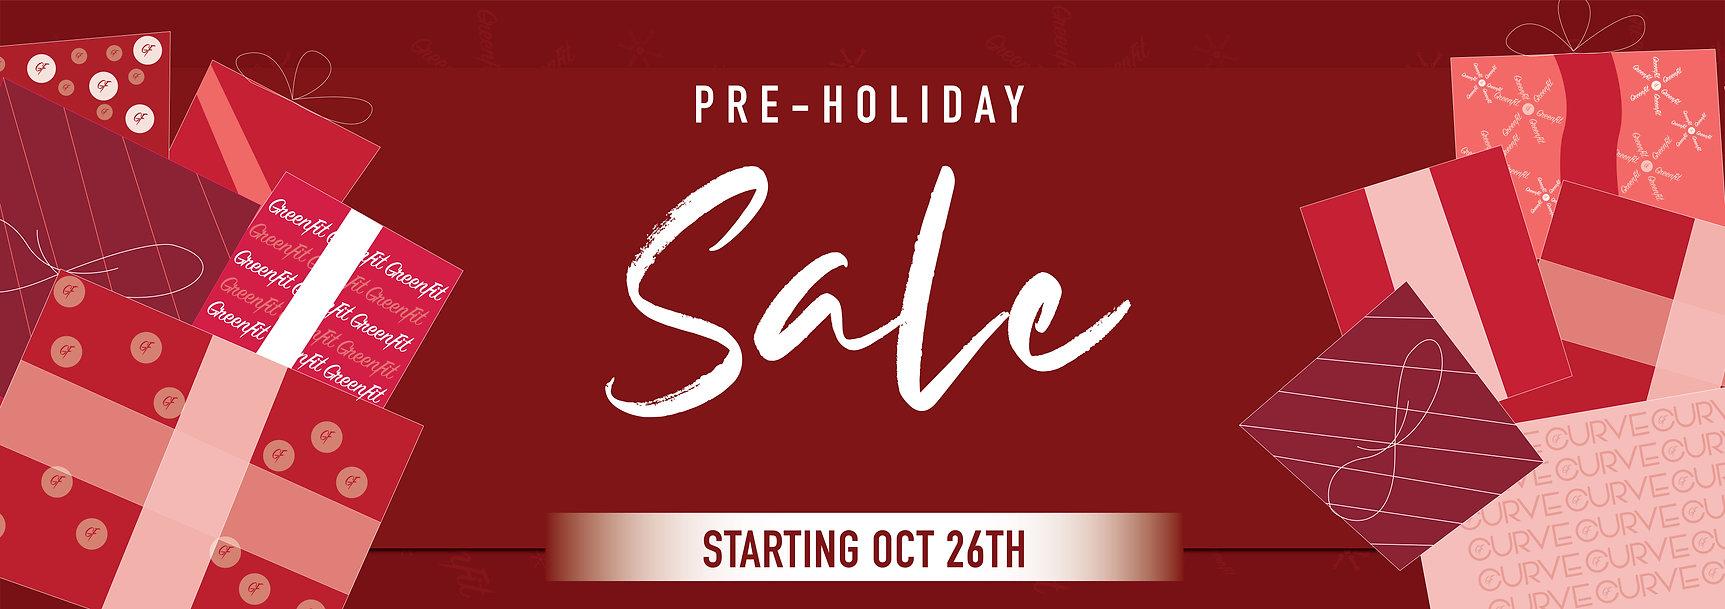 Pre_Holiday Sale-04.jpg